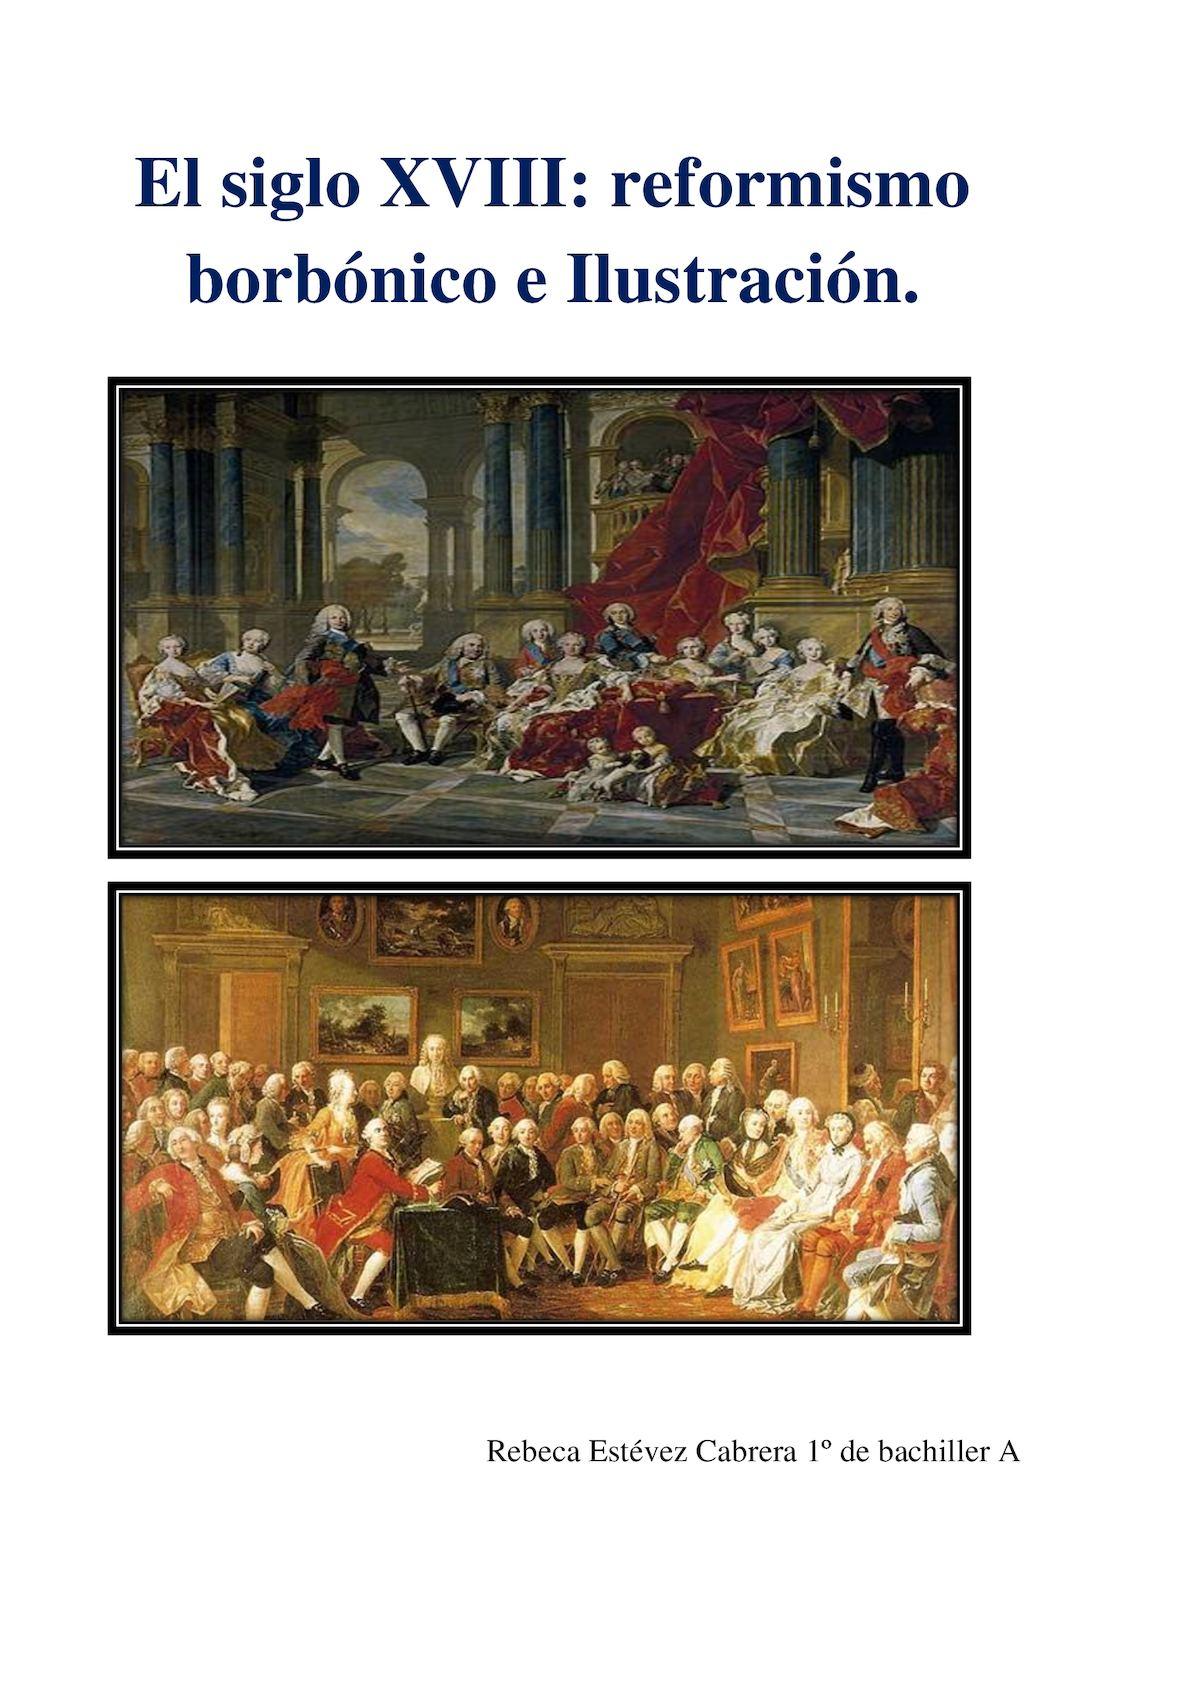 EL SIGLO XVIII: REFORMISMO BORBÓNICO E ILUSTRACIÓN